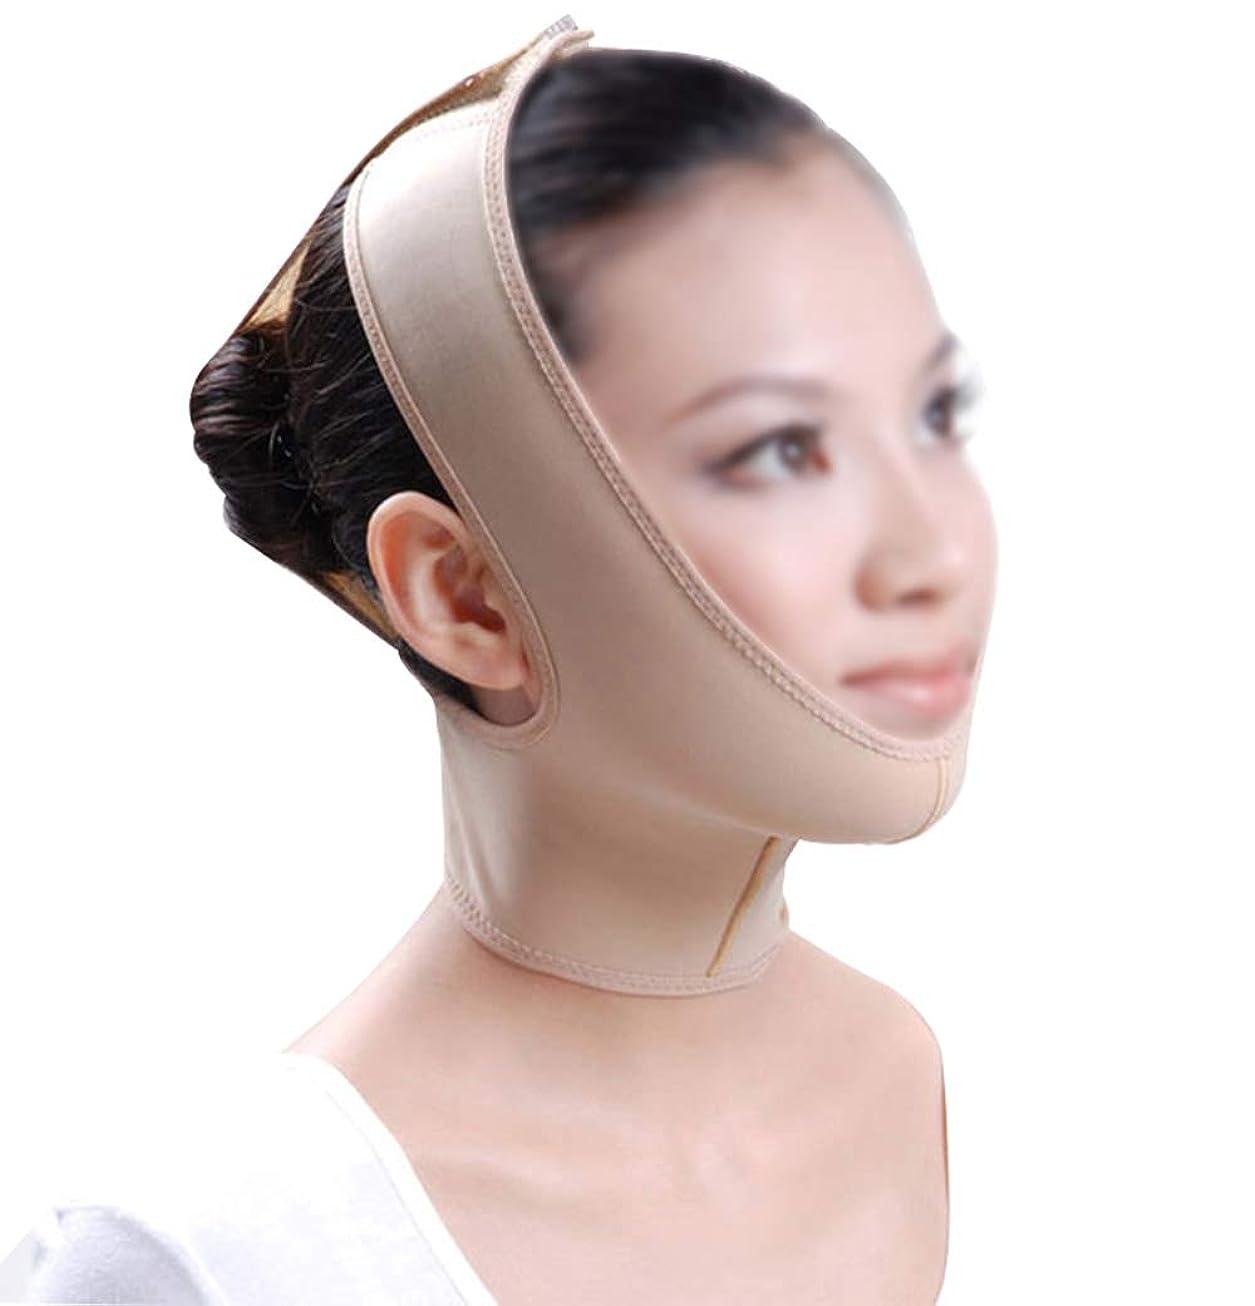 支出運動に頼るGLJJQMY 引き締めマスクマスク強力なフェイスリフティングリハビリ弾性フェイスリフティング引き締め首あご整形リハビリチンスリーブ 顔用整形マスク (Size : XL)